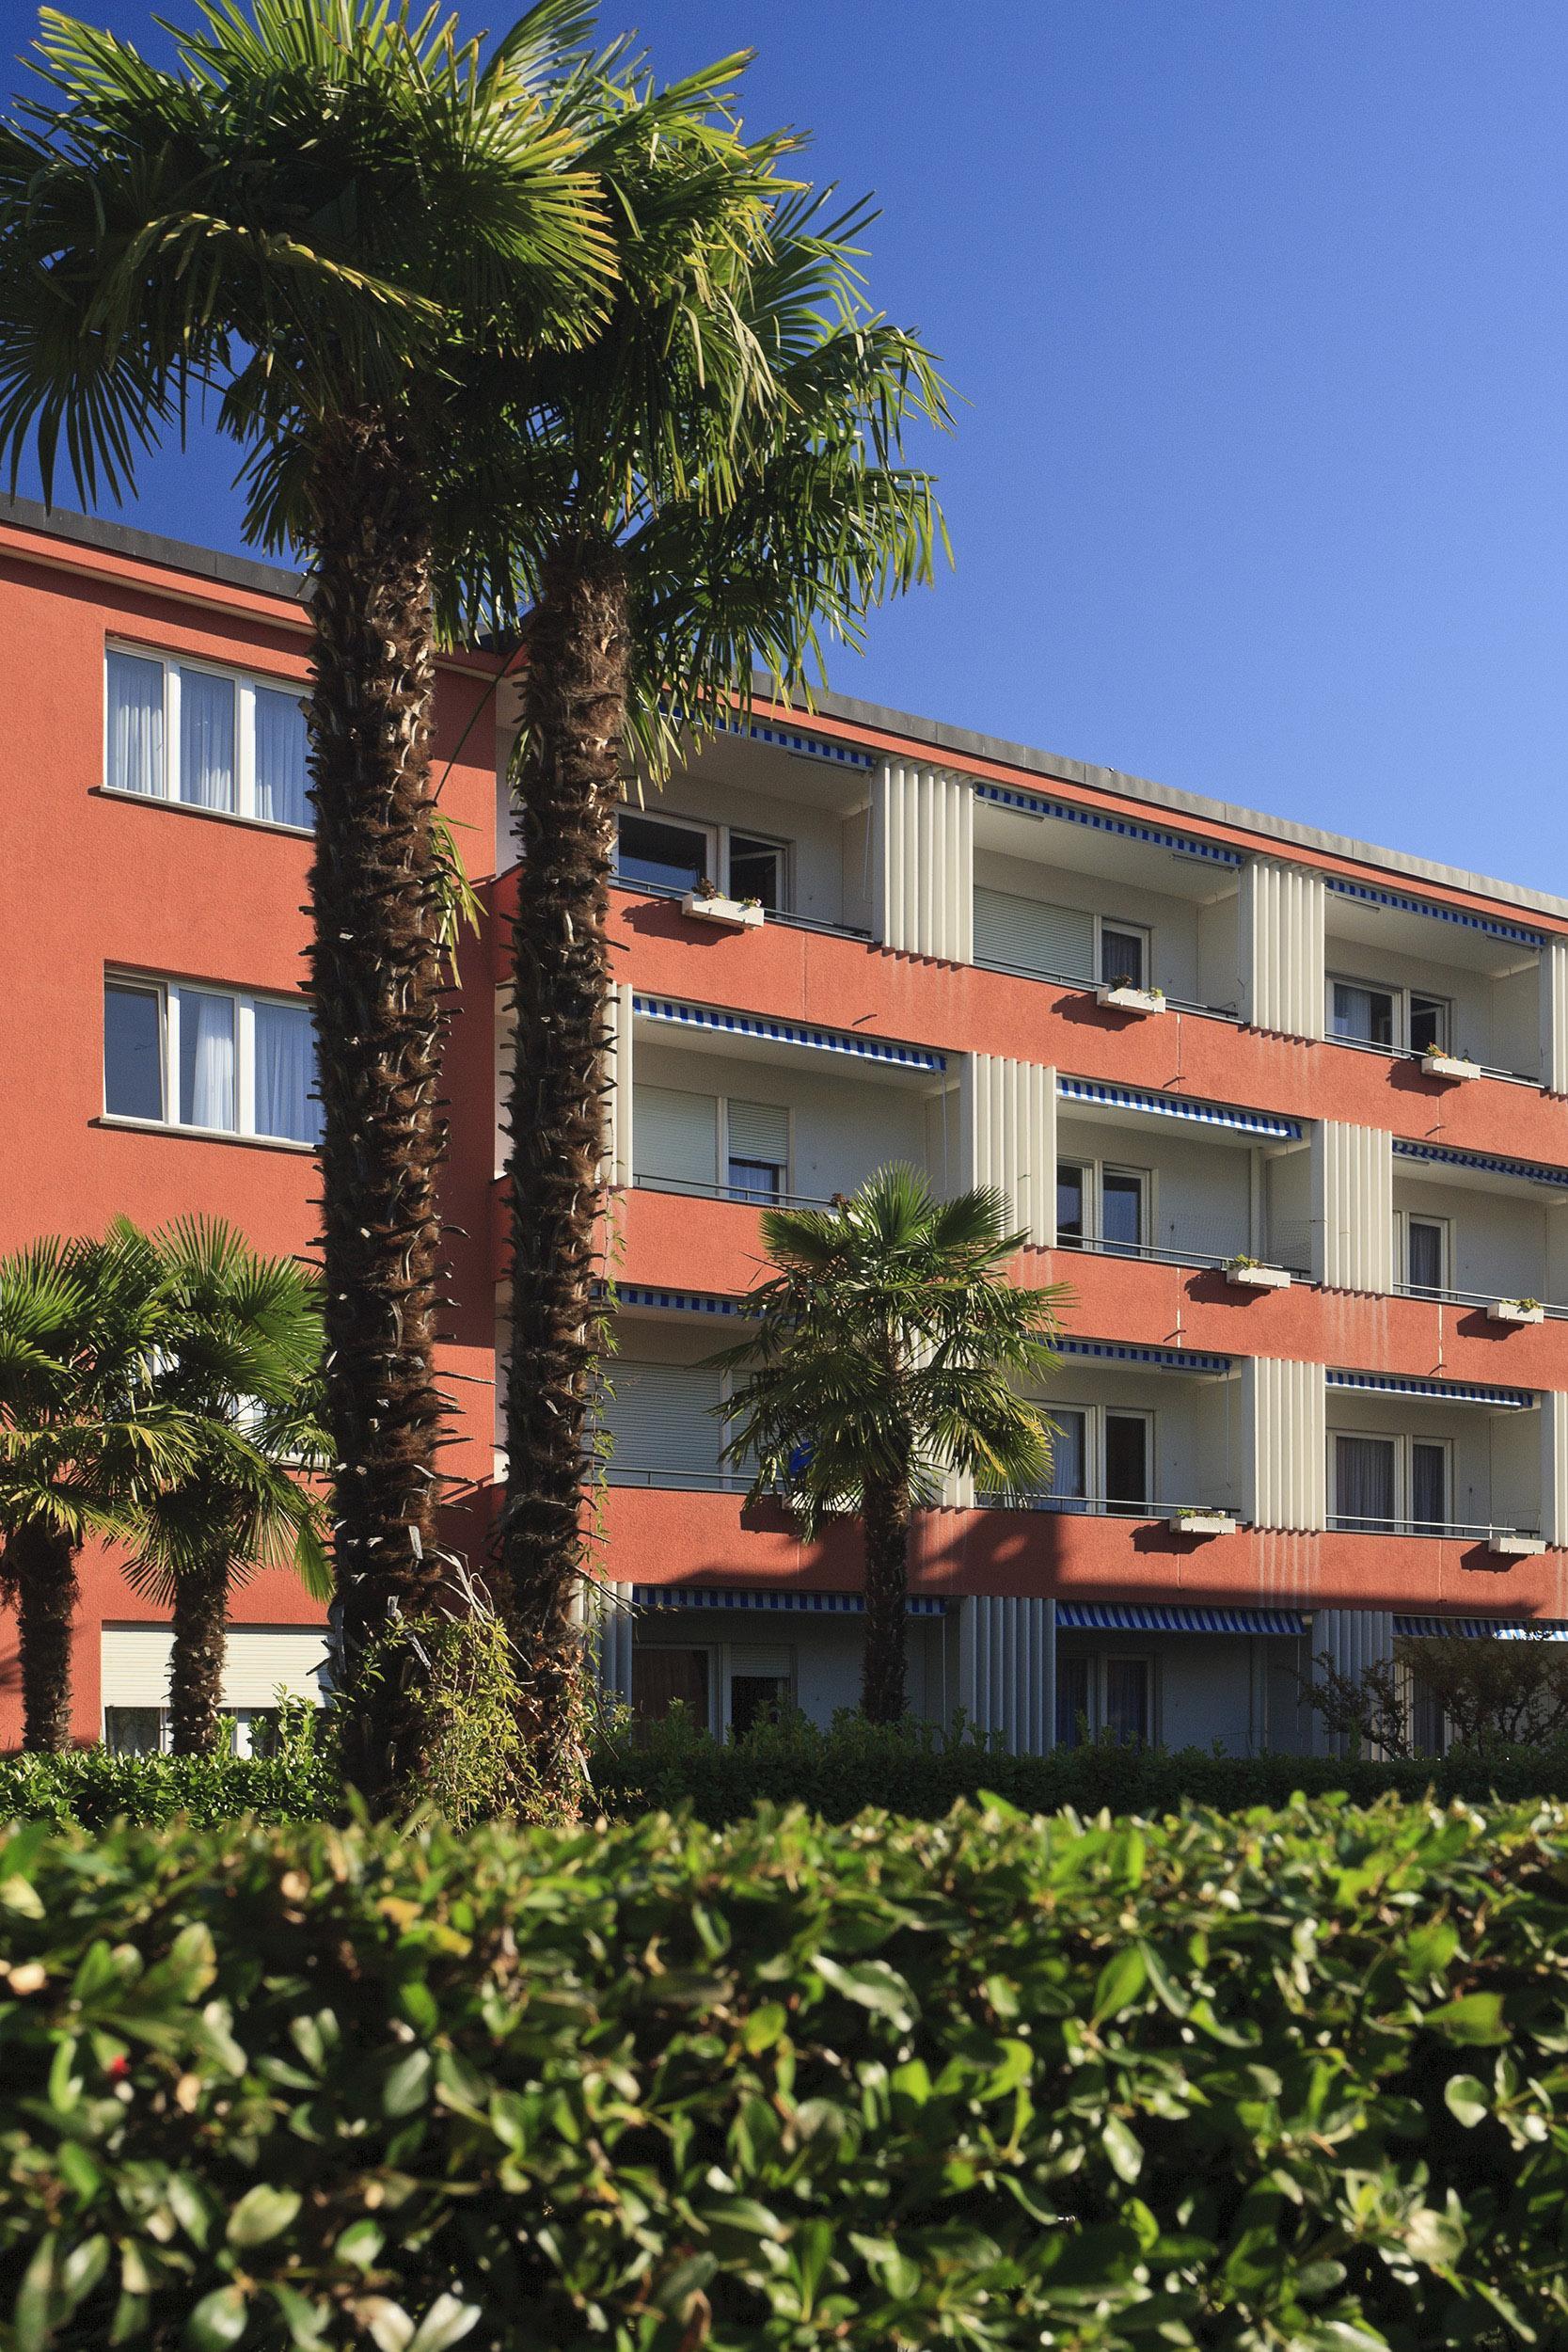 Casa-Michele-Ascona-15